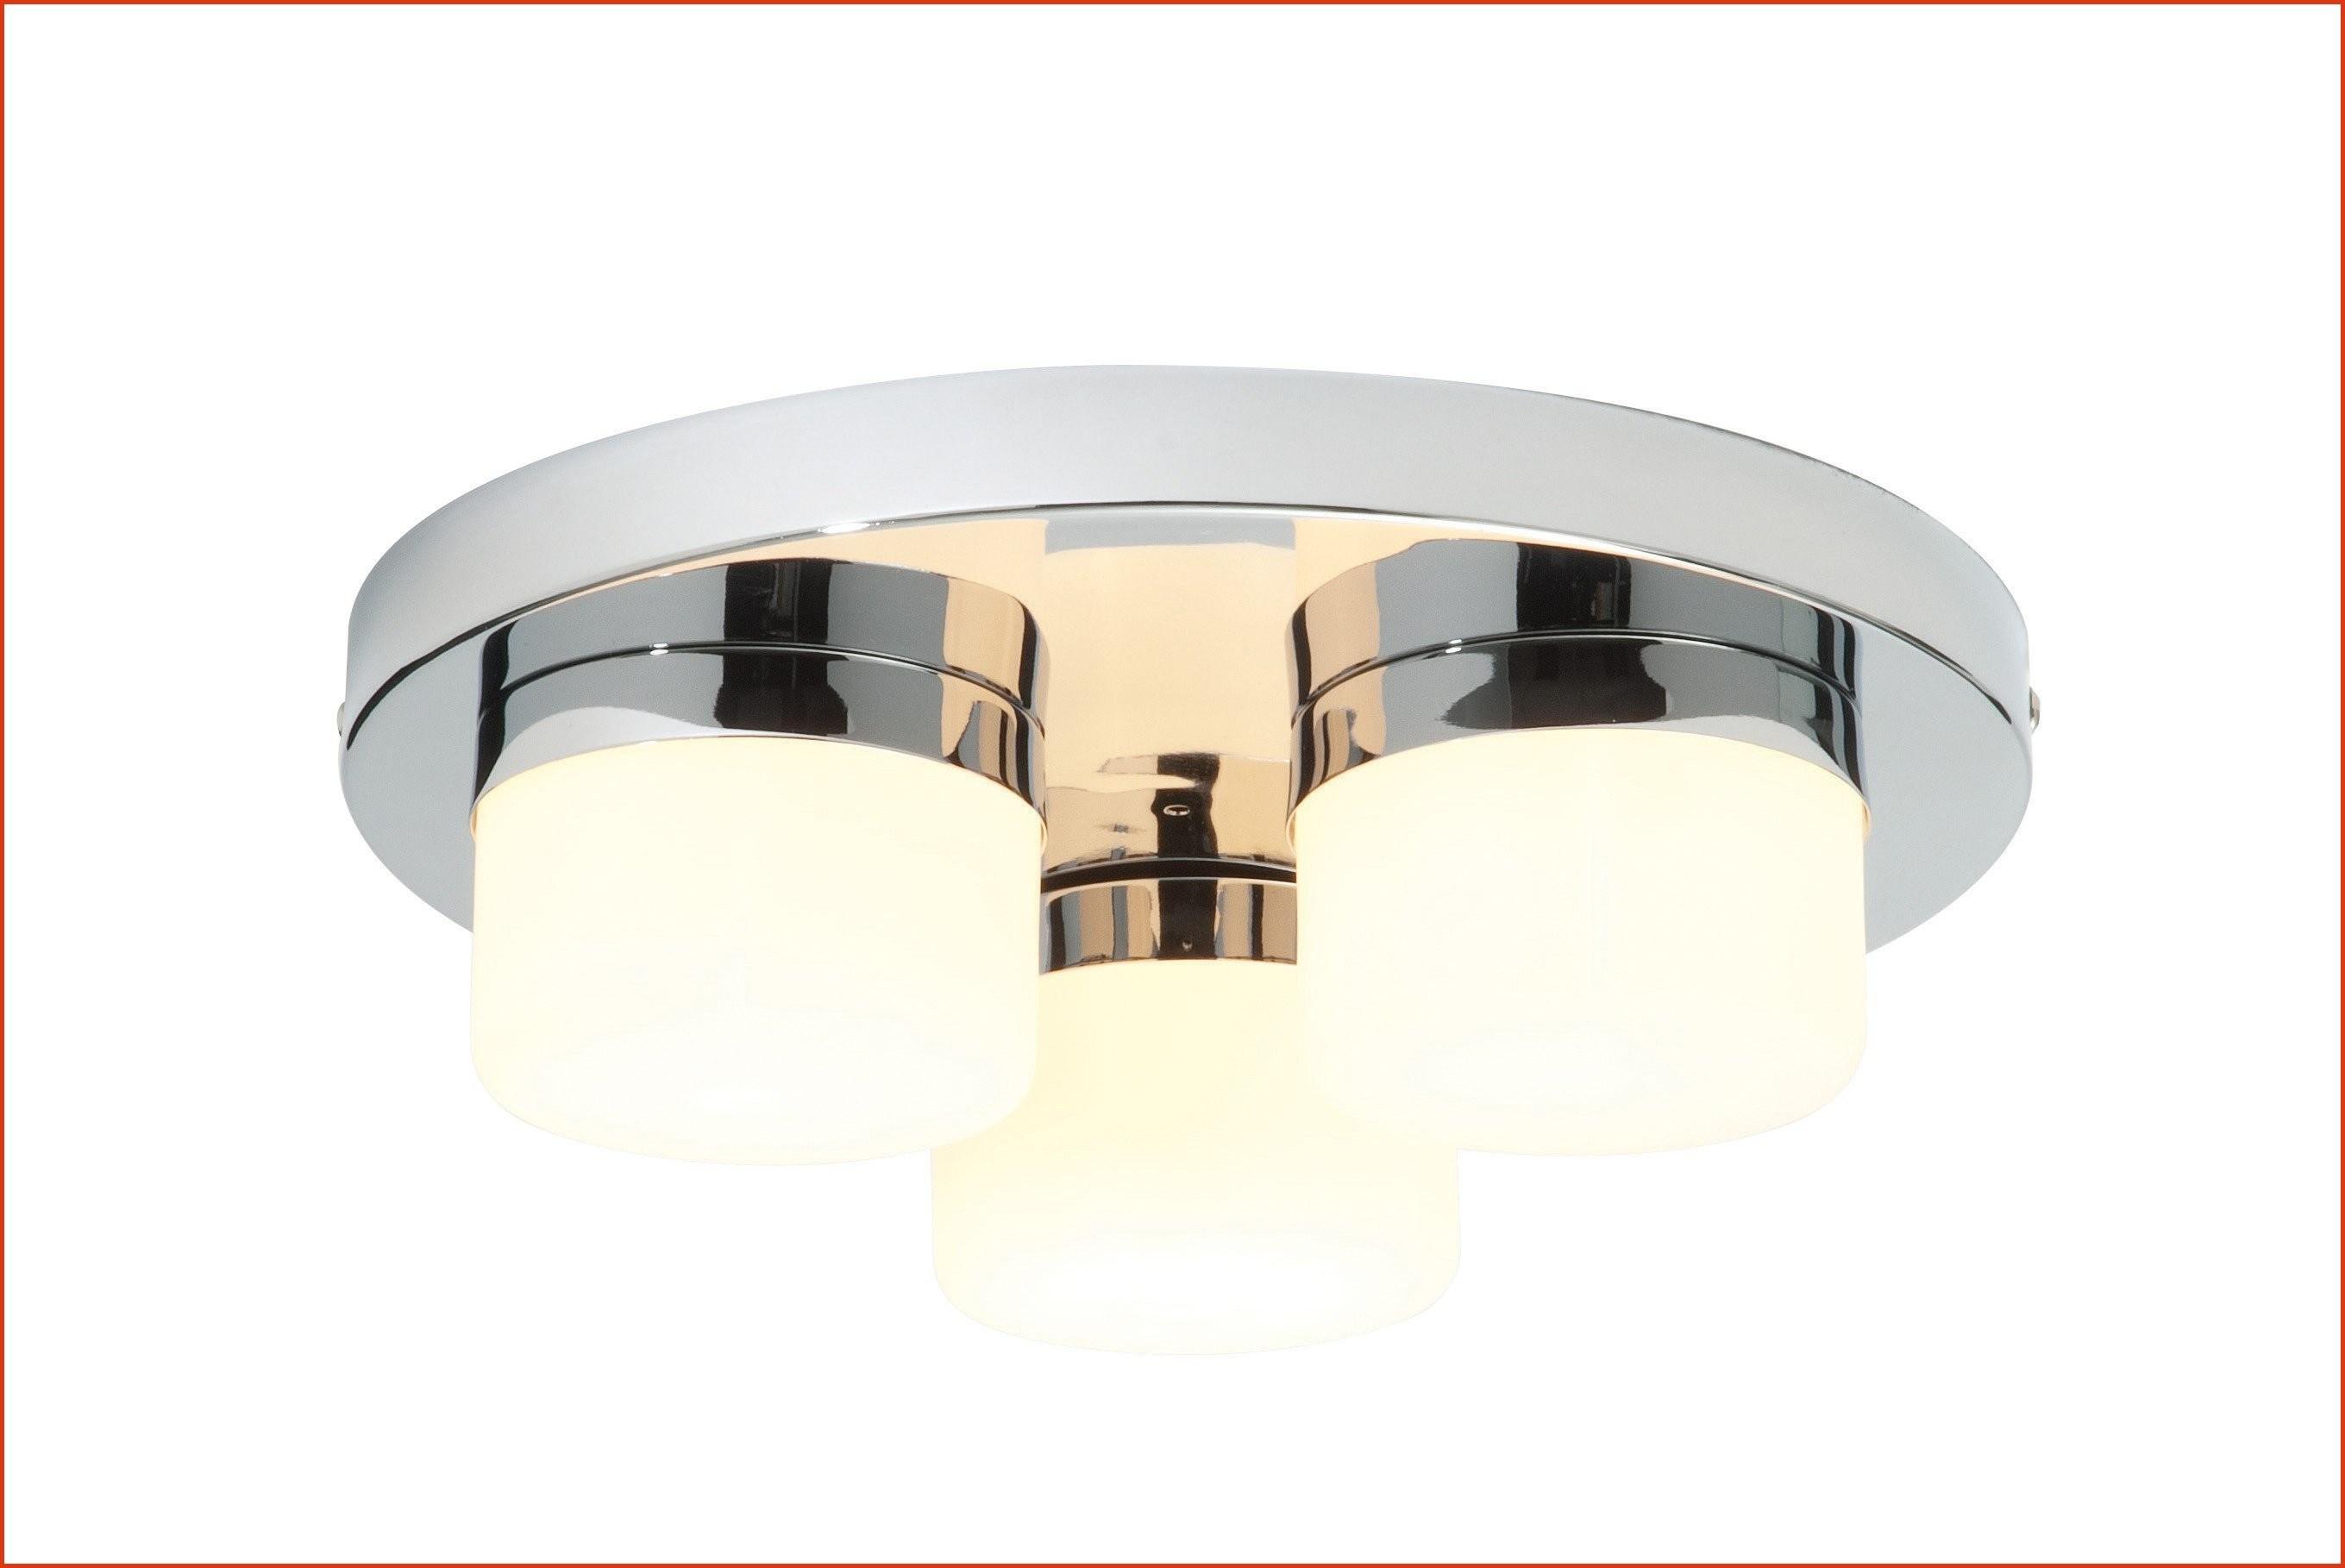 D'angle Lampe Castorama Maison Applique Luminaire De Idée Et Murale k8nP0OXw